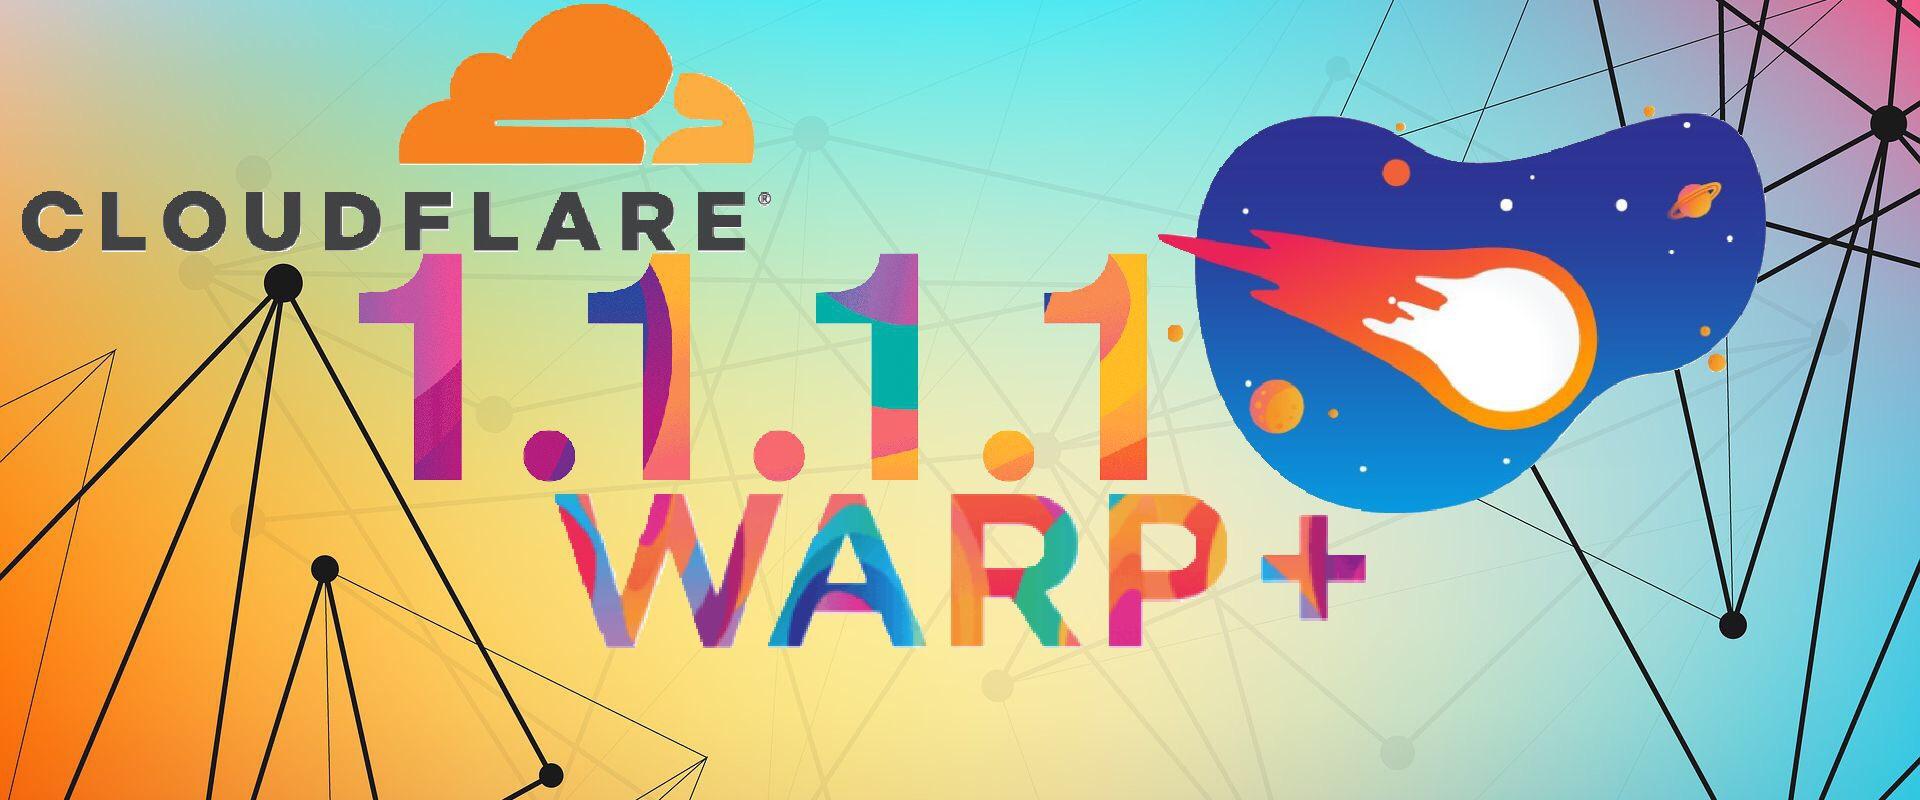 DNS CloudFlare 1.1.1.1.: in attesa di Warp, il nuovo VPN dedicato